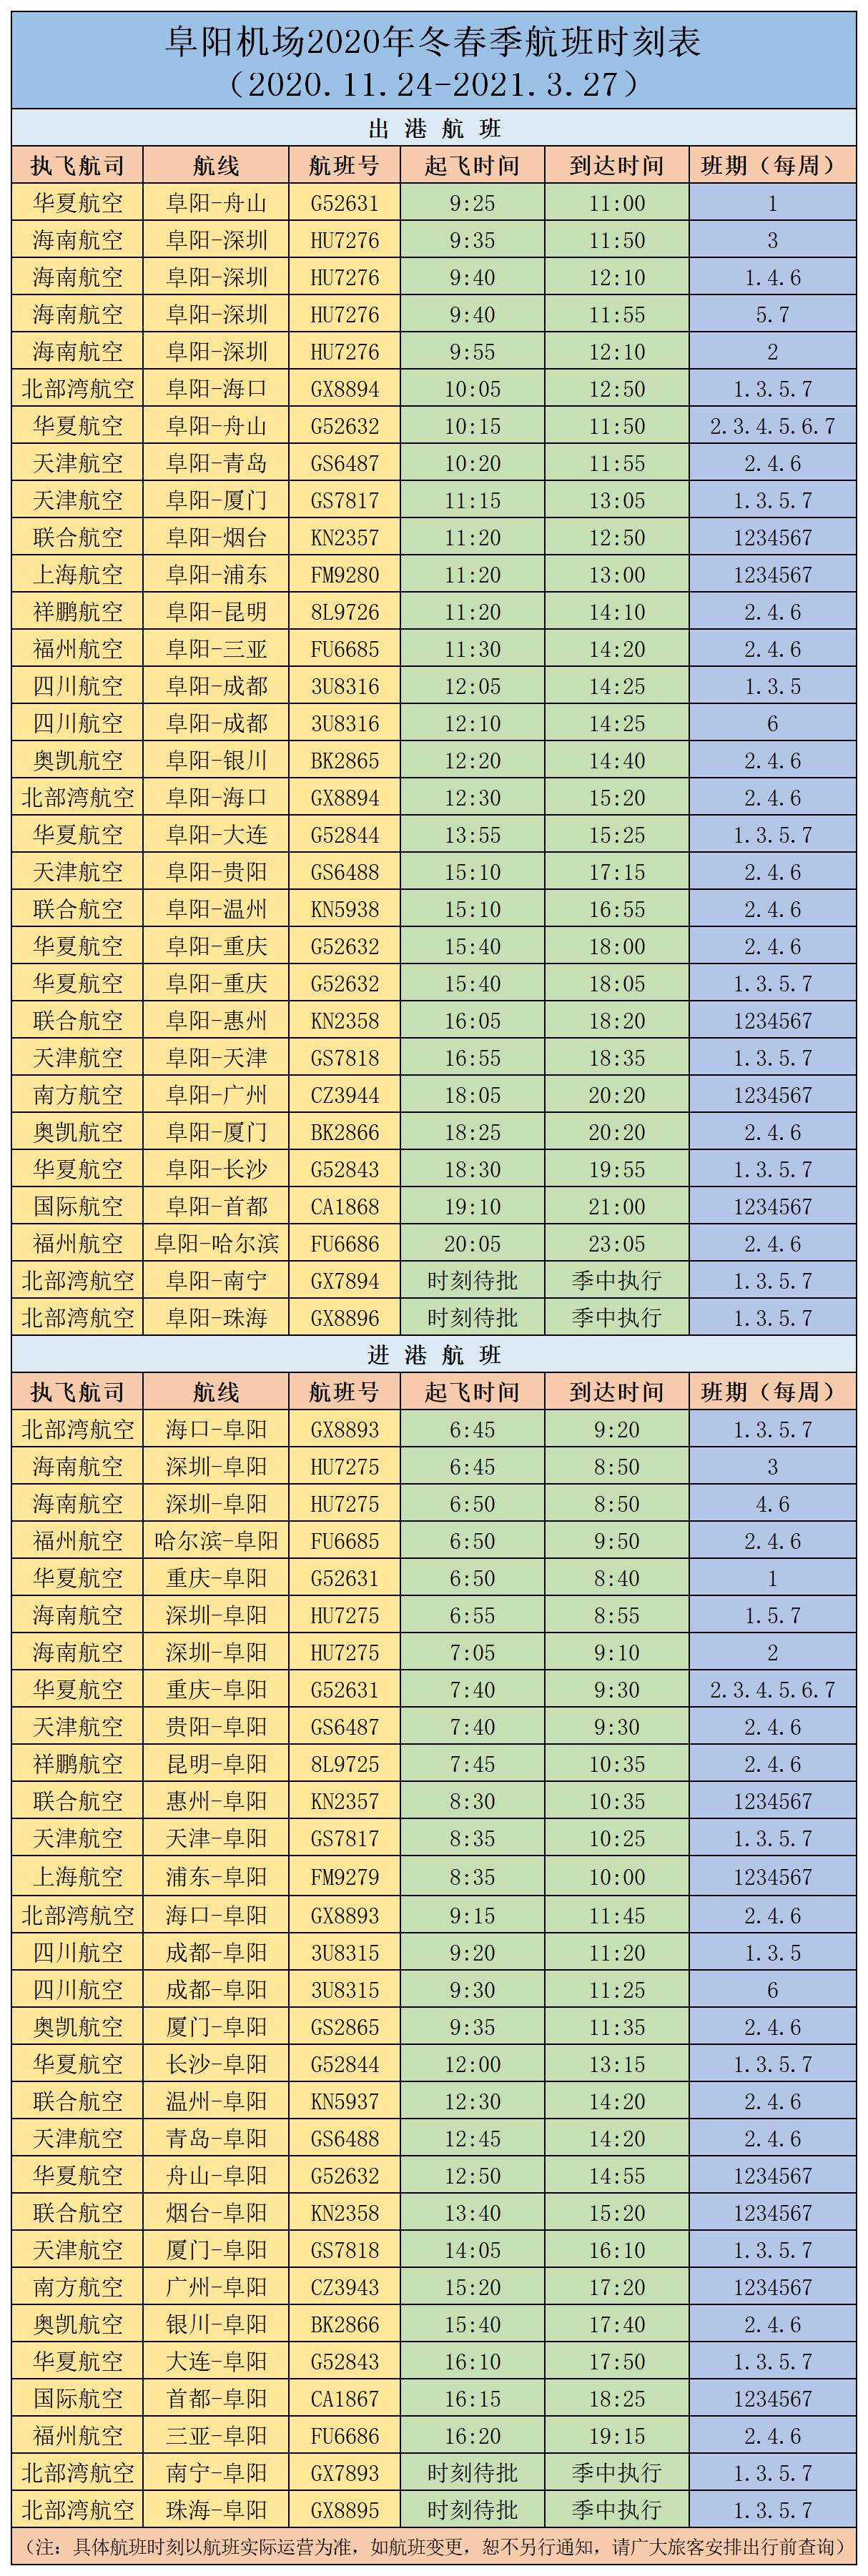 20201126航班时刻表.png